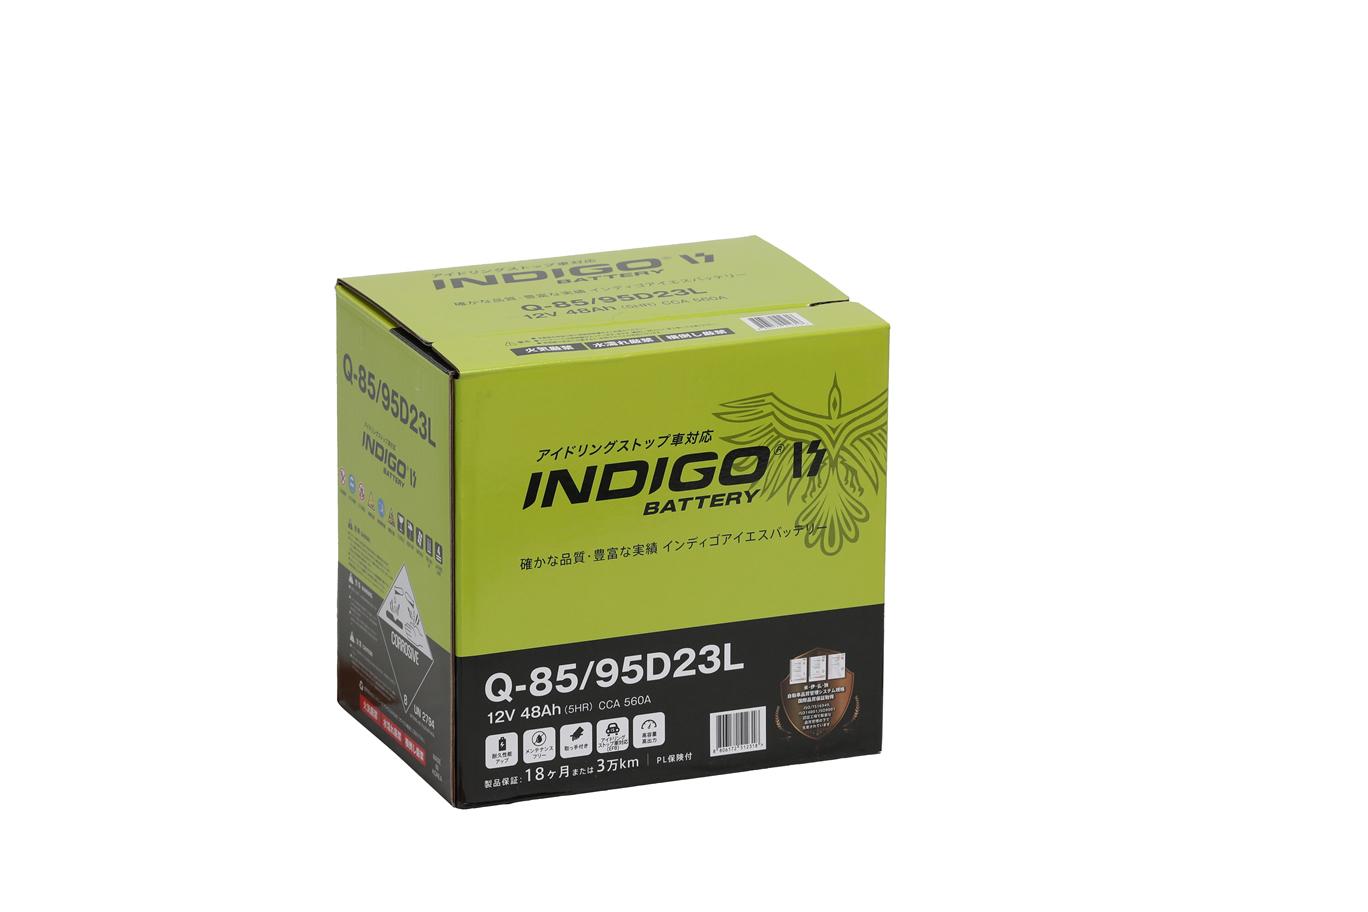 インディゴ アイエスバッテリー Q-85/95D23L (L端子のみ) アイドリングストップ車対応バッテリー※沖縄/離島配送不可